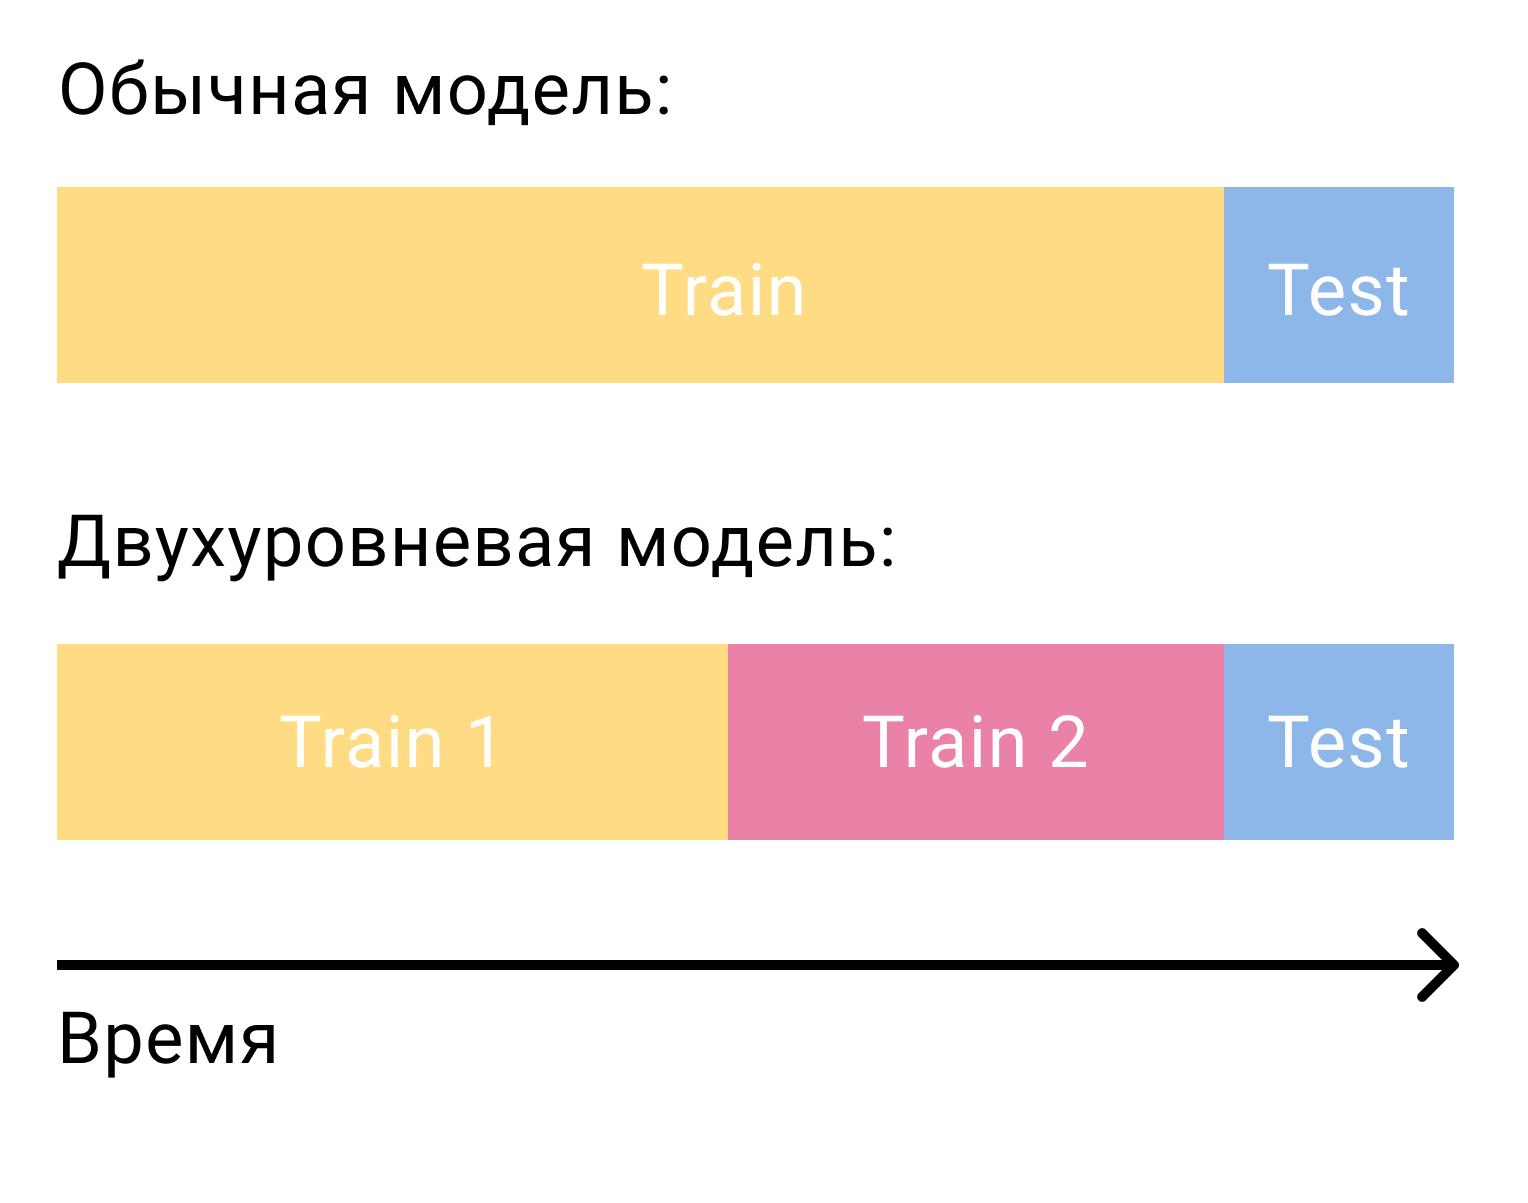 Иллюстрация деления данных на тренировочные и тестовое множества для двухуровневой модели